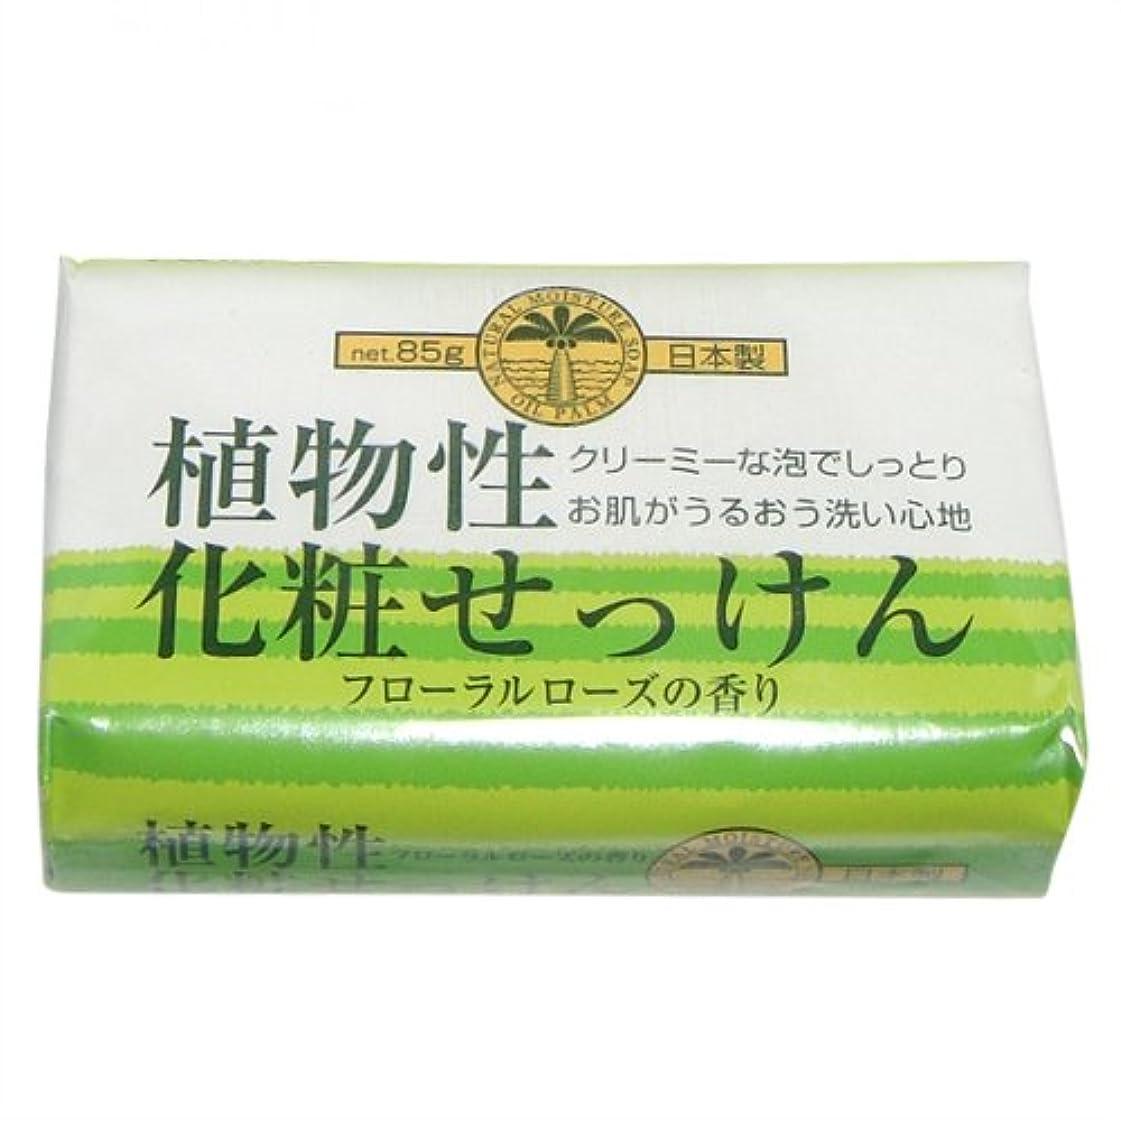 密度伝染性きらめく植物性化粧石けん 85g 1個